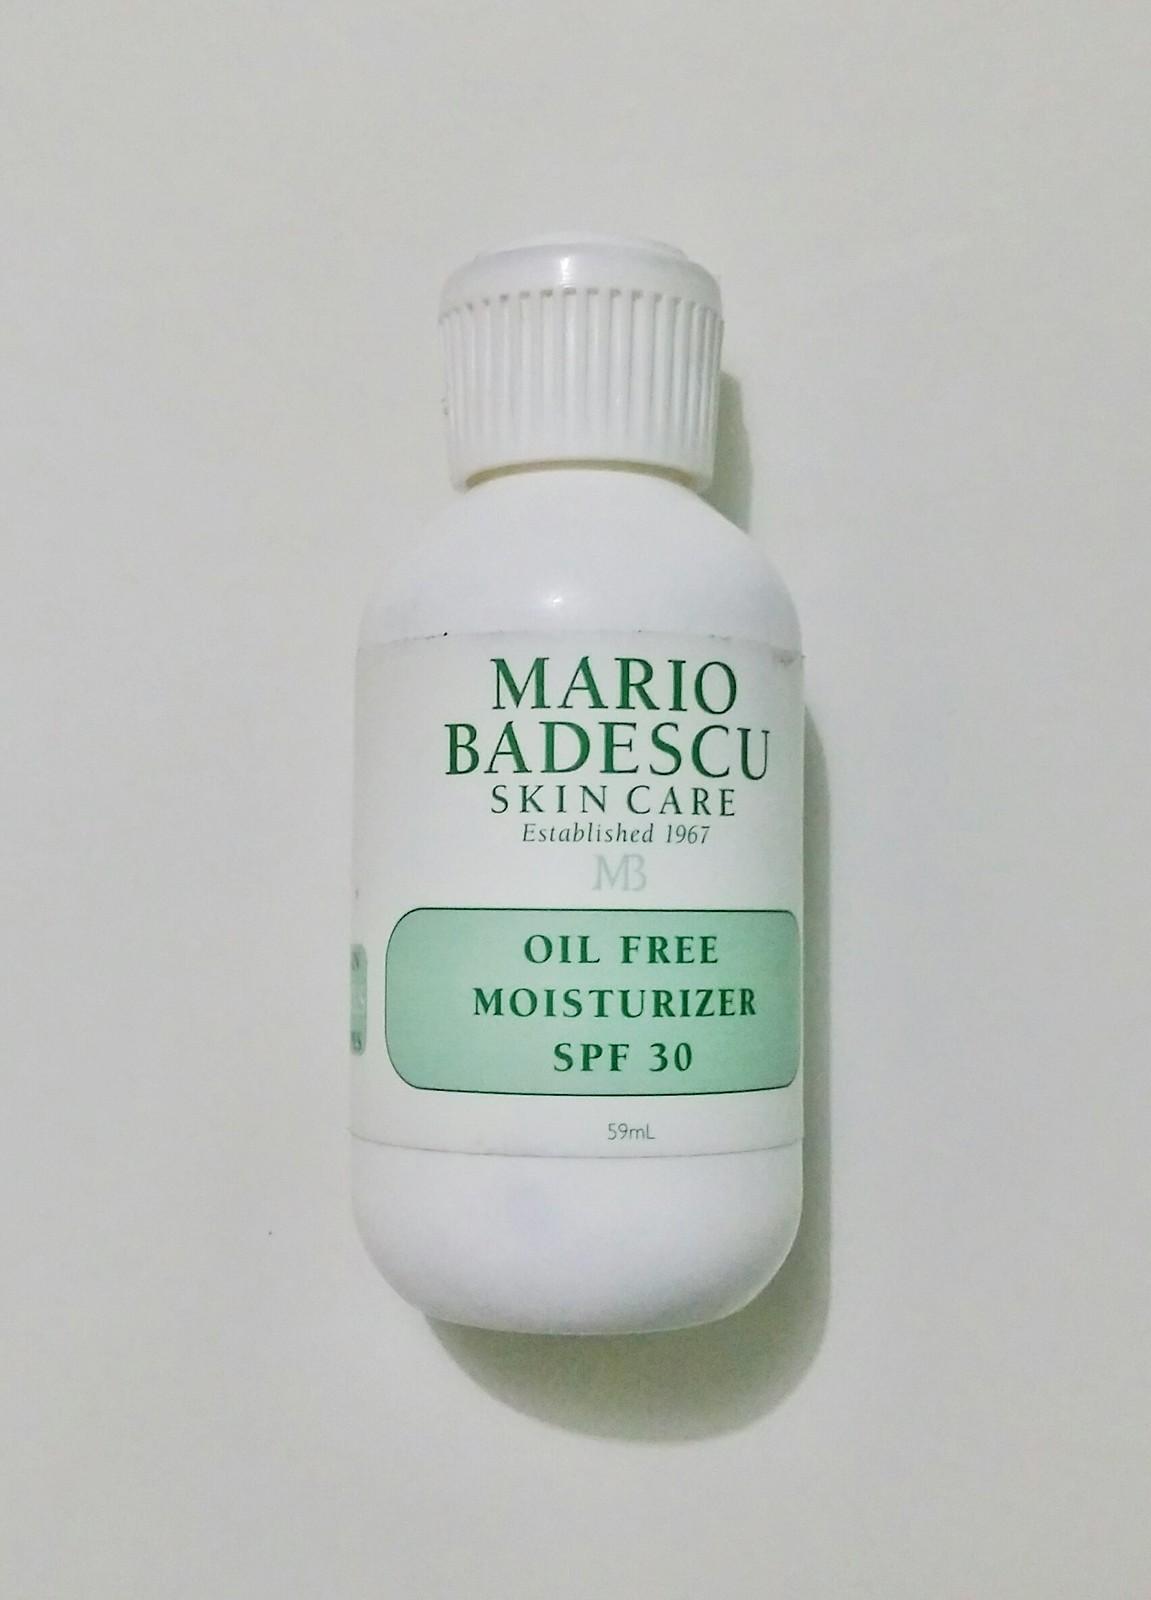 Mario-badescu-oil-free-spf30